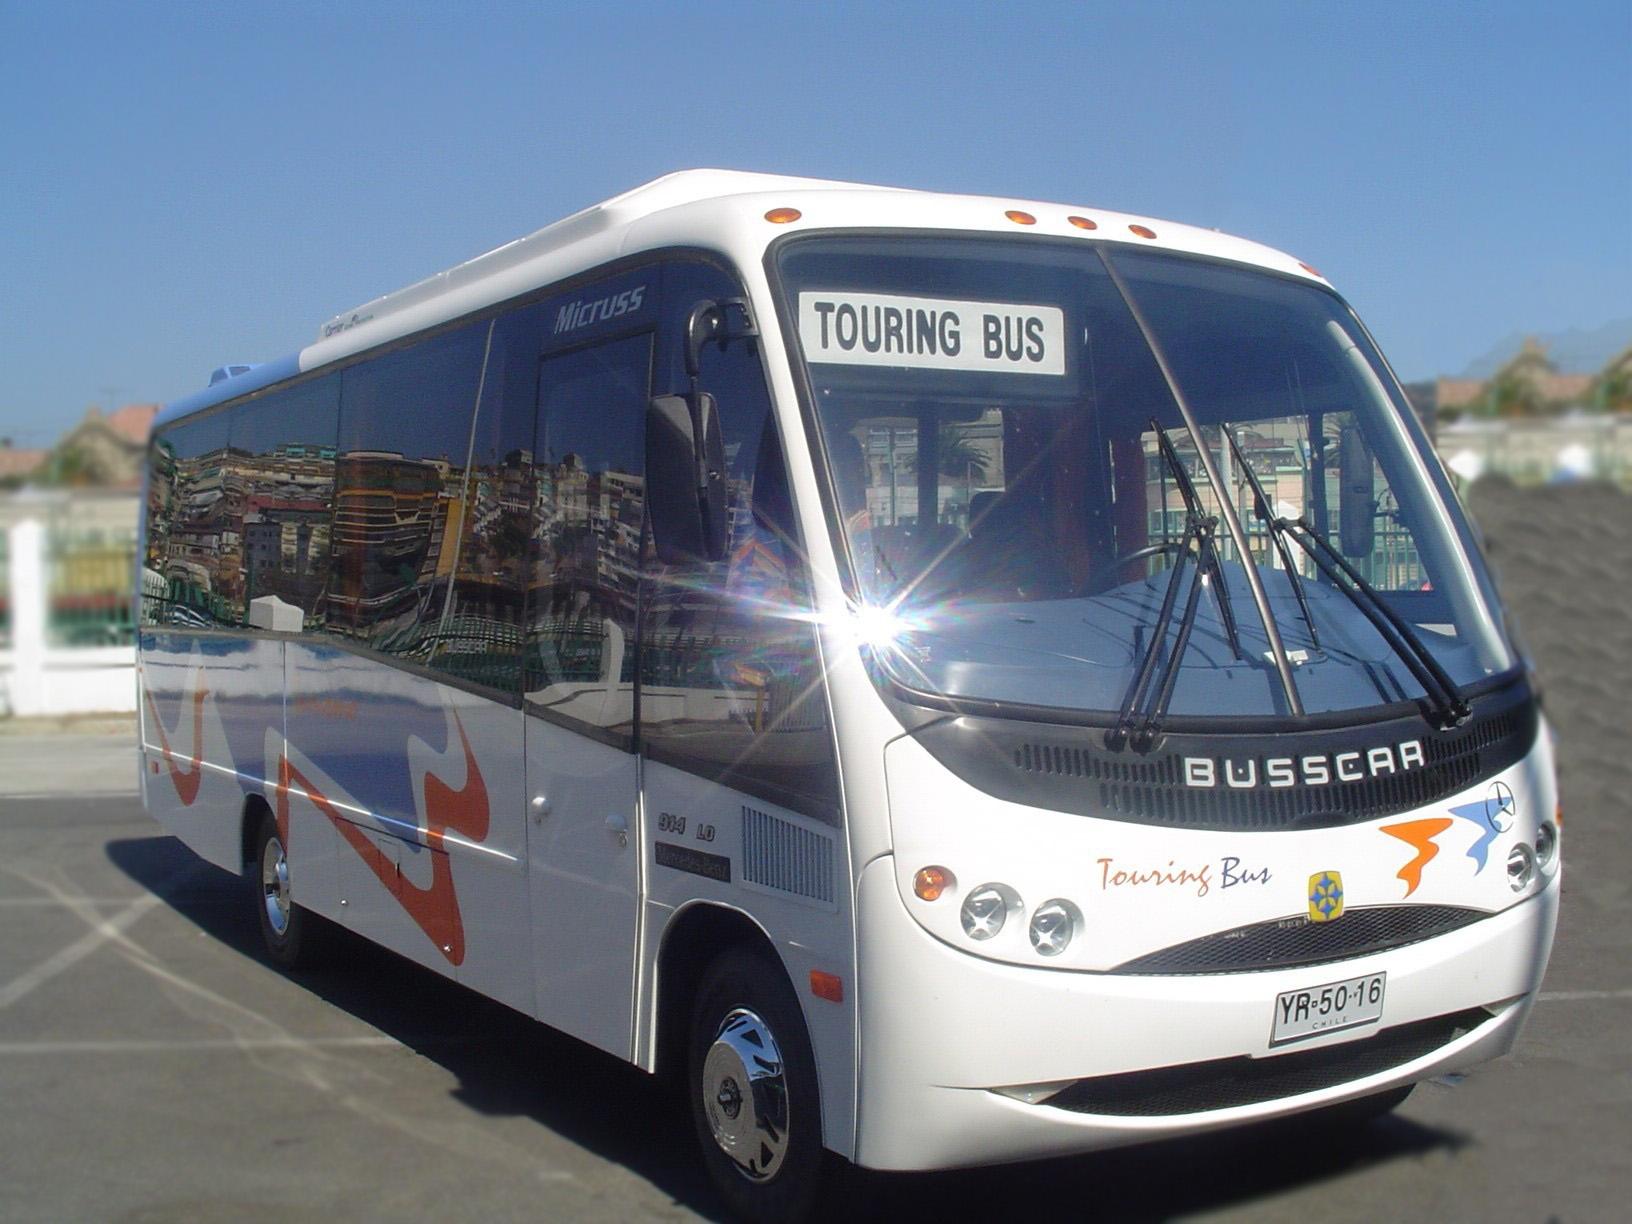 Touring Bus - Busscar